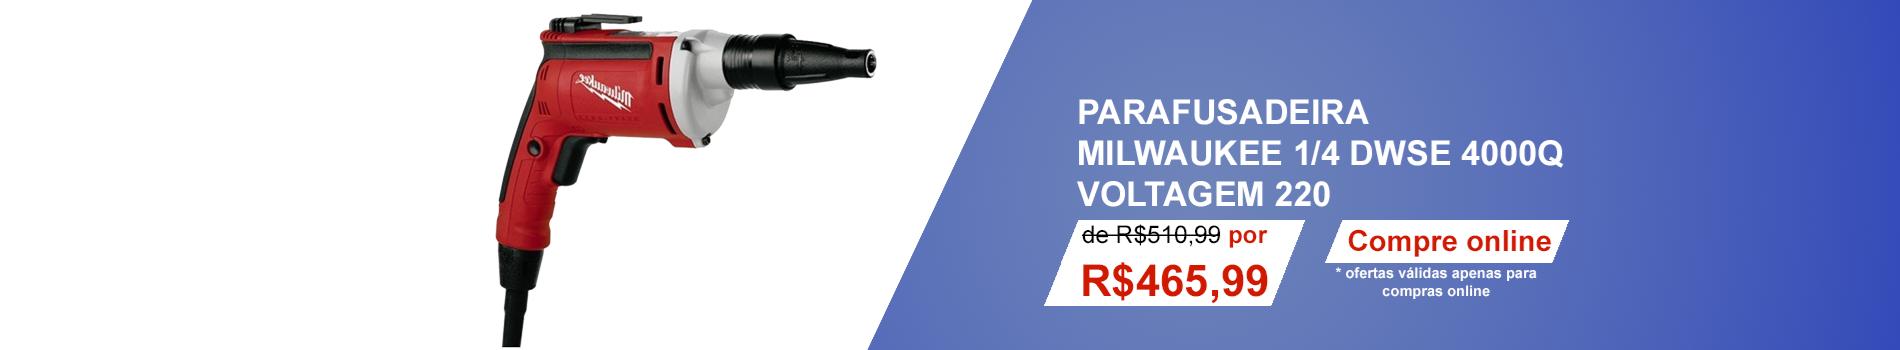 http://www.artesana.com.br/produto/parafusadeira-milwaukee-1-4-dwse-4000q-voltagem-220-66236